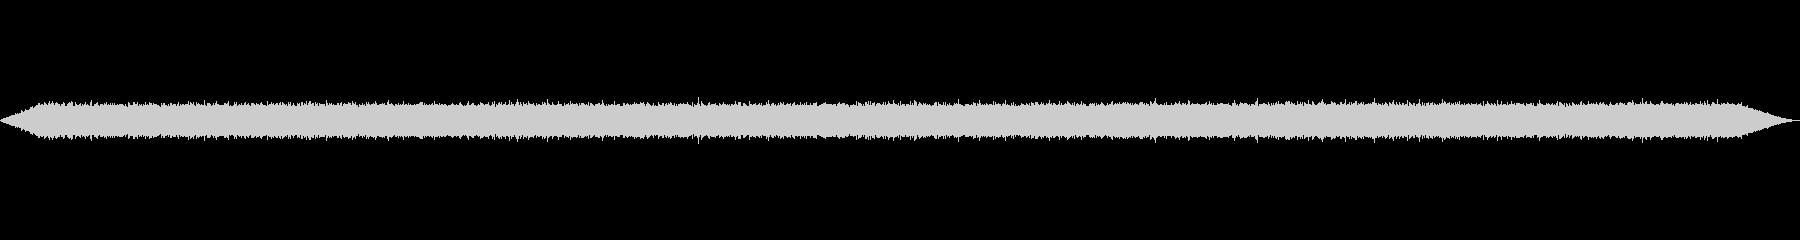 【自然音】滝01(恵那)の未再生の波形